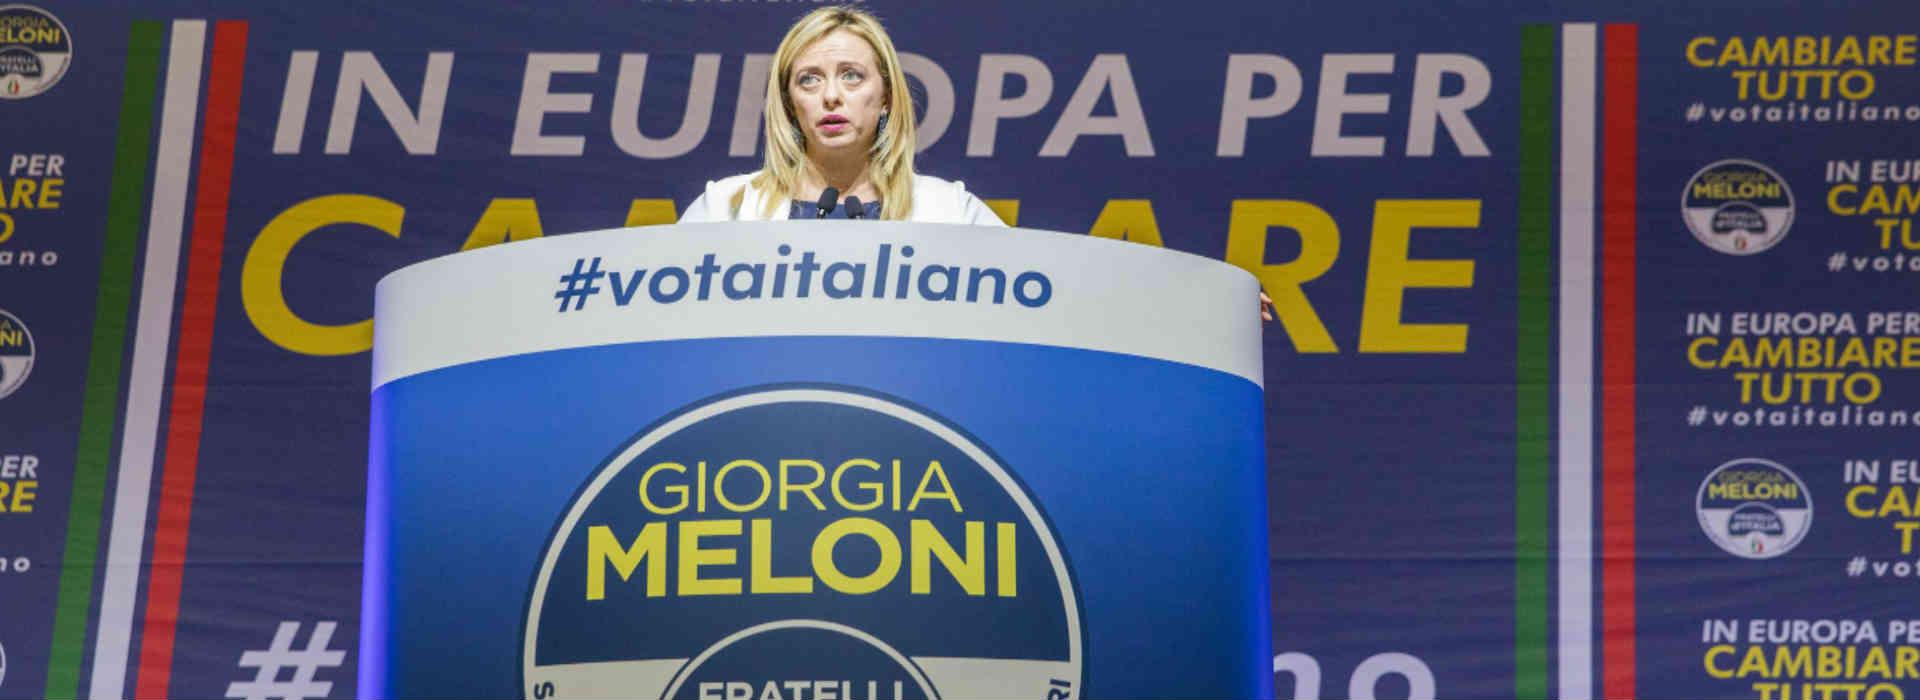 Giorgia Meloni, Fratelli d'Italia